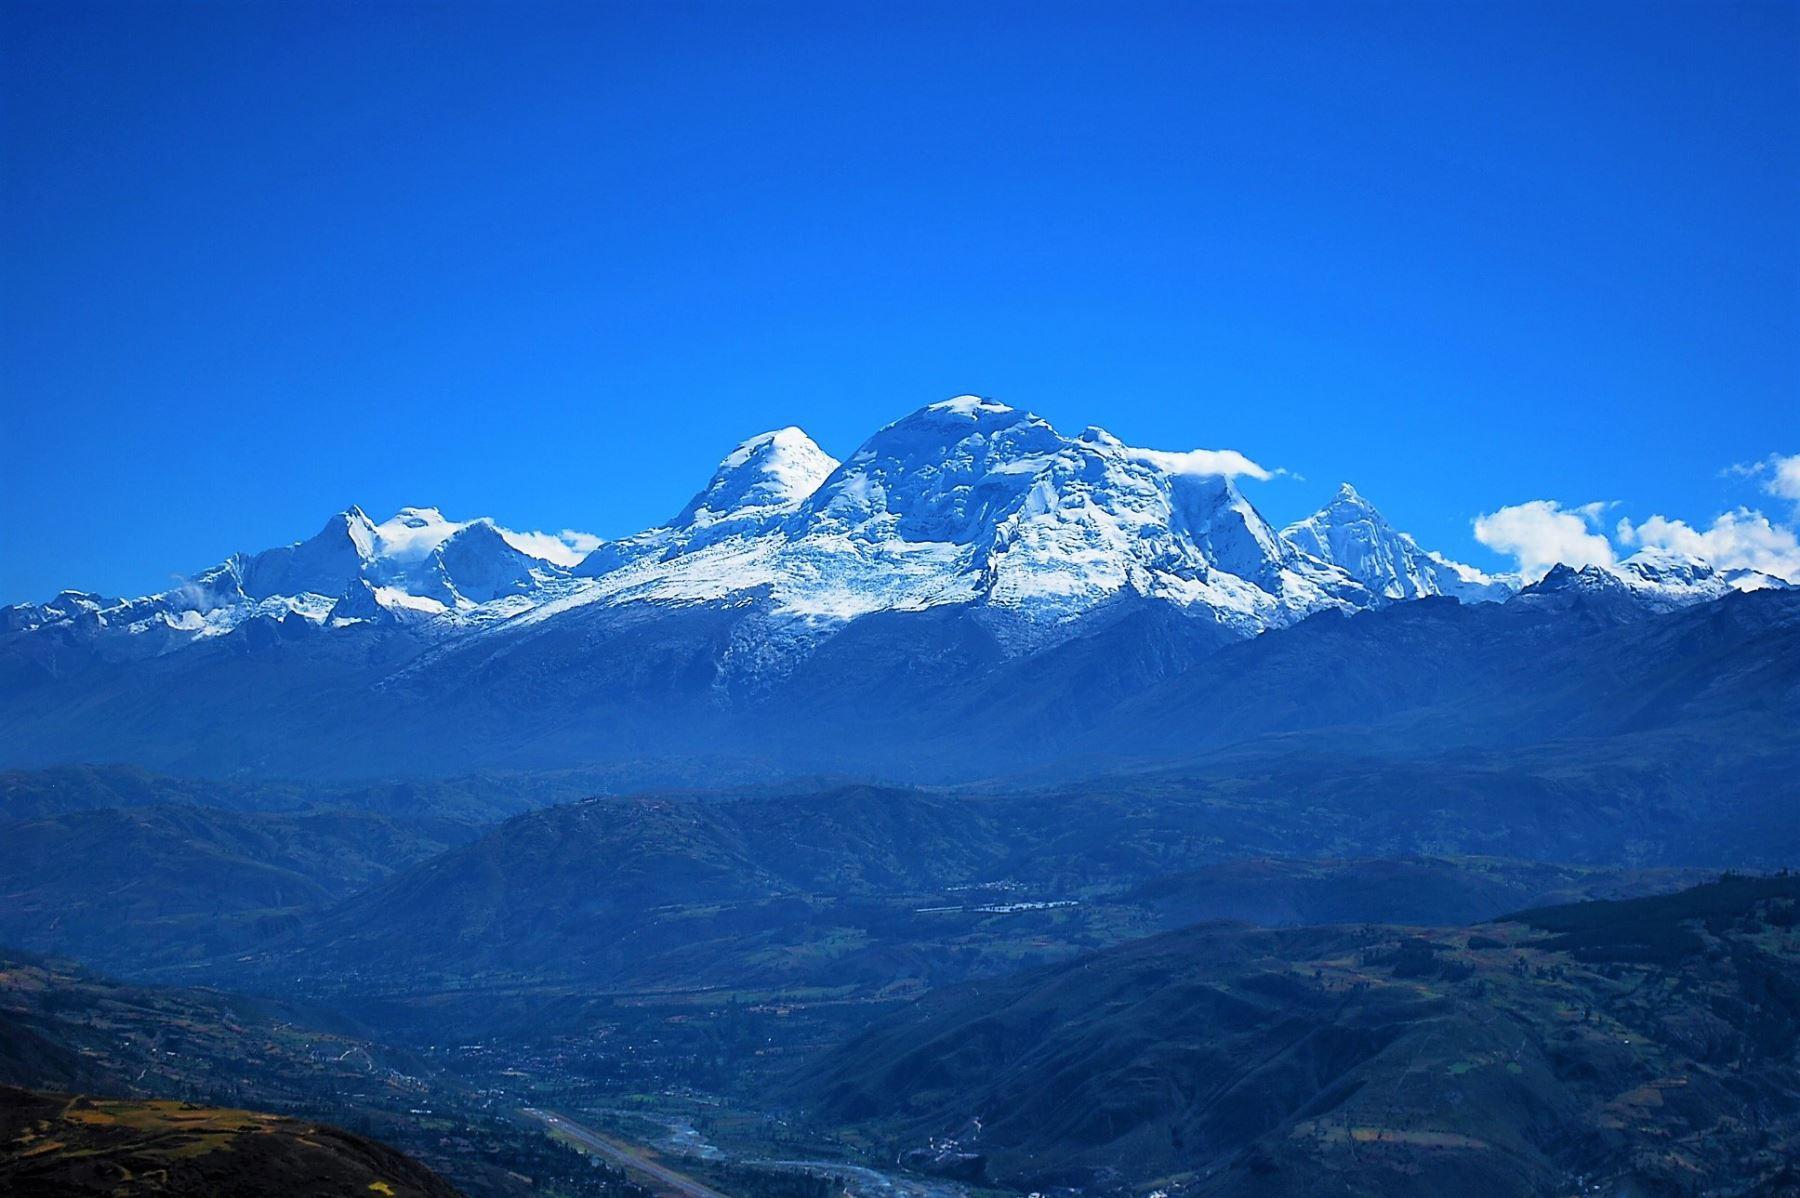 Científicos de Perú y Estados Unidos perforarán el hielo glaciar del nevado Huascarán hasta llegar a la roca madre.